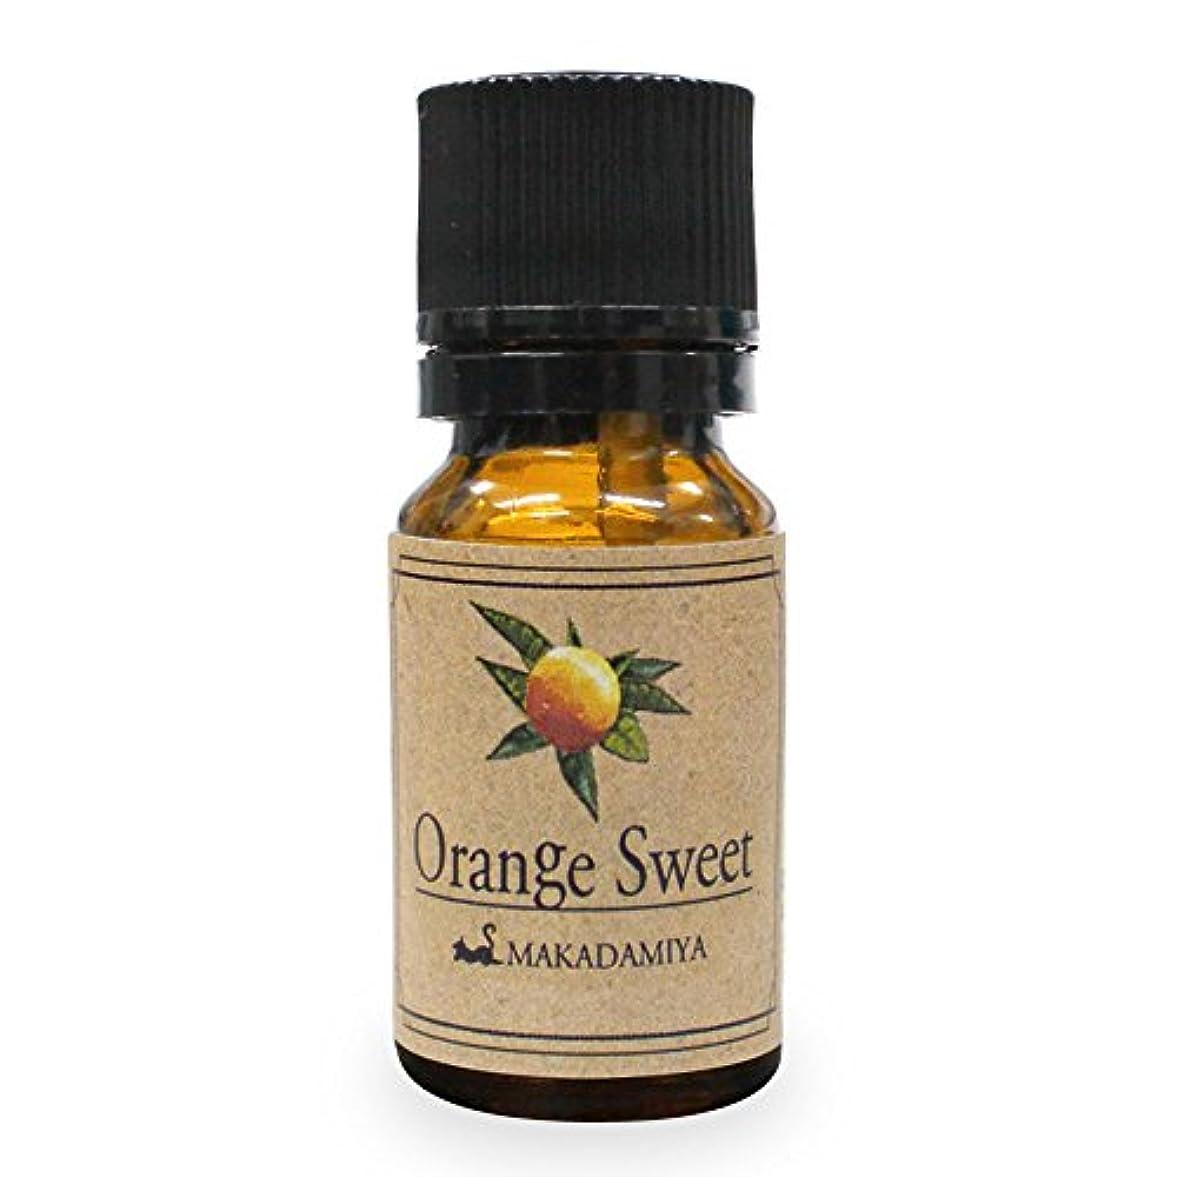 出血認知禁輸オレンジ?スイート10ml 天然100%植物性 エッセンシャルオイル(精油) アロマオイル アロママッサージ aroma Orange S.